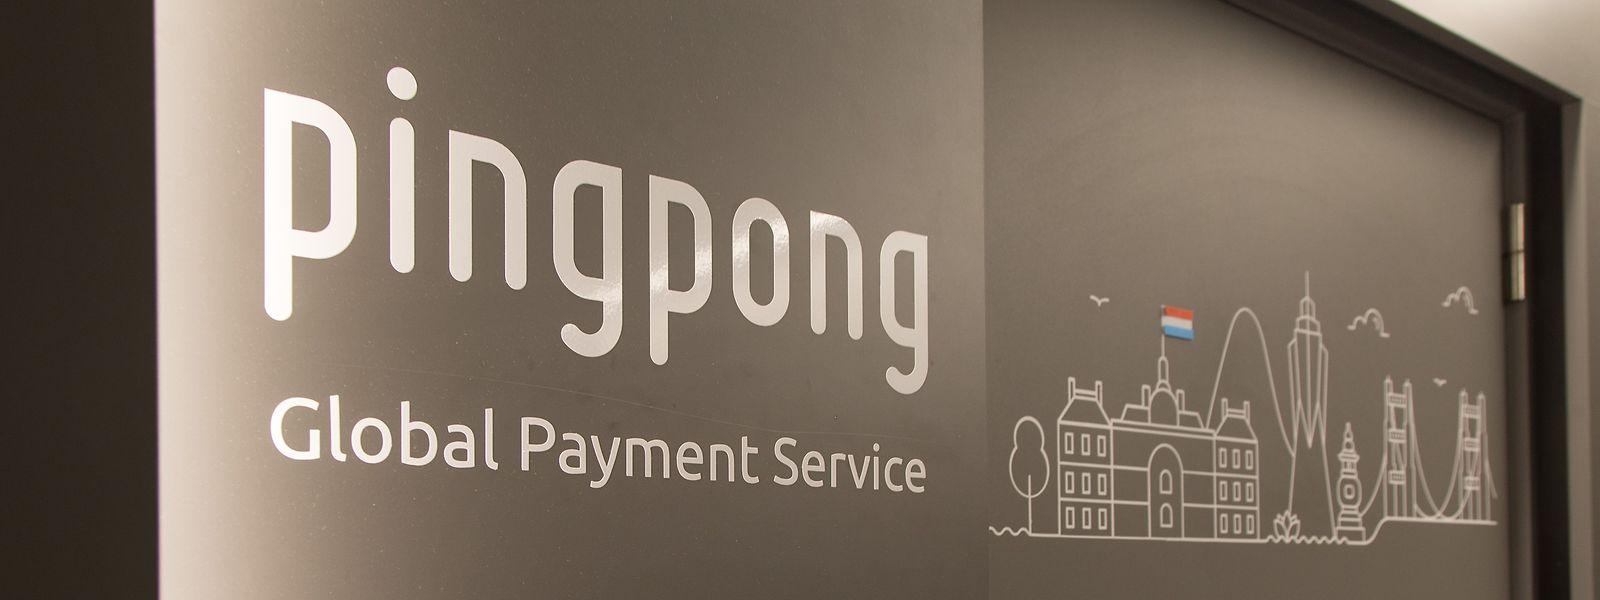 Pingpong hat 2017 seine Europazentrale in Luxemburg gegründet.